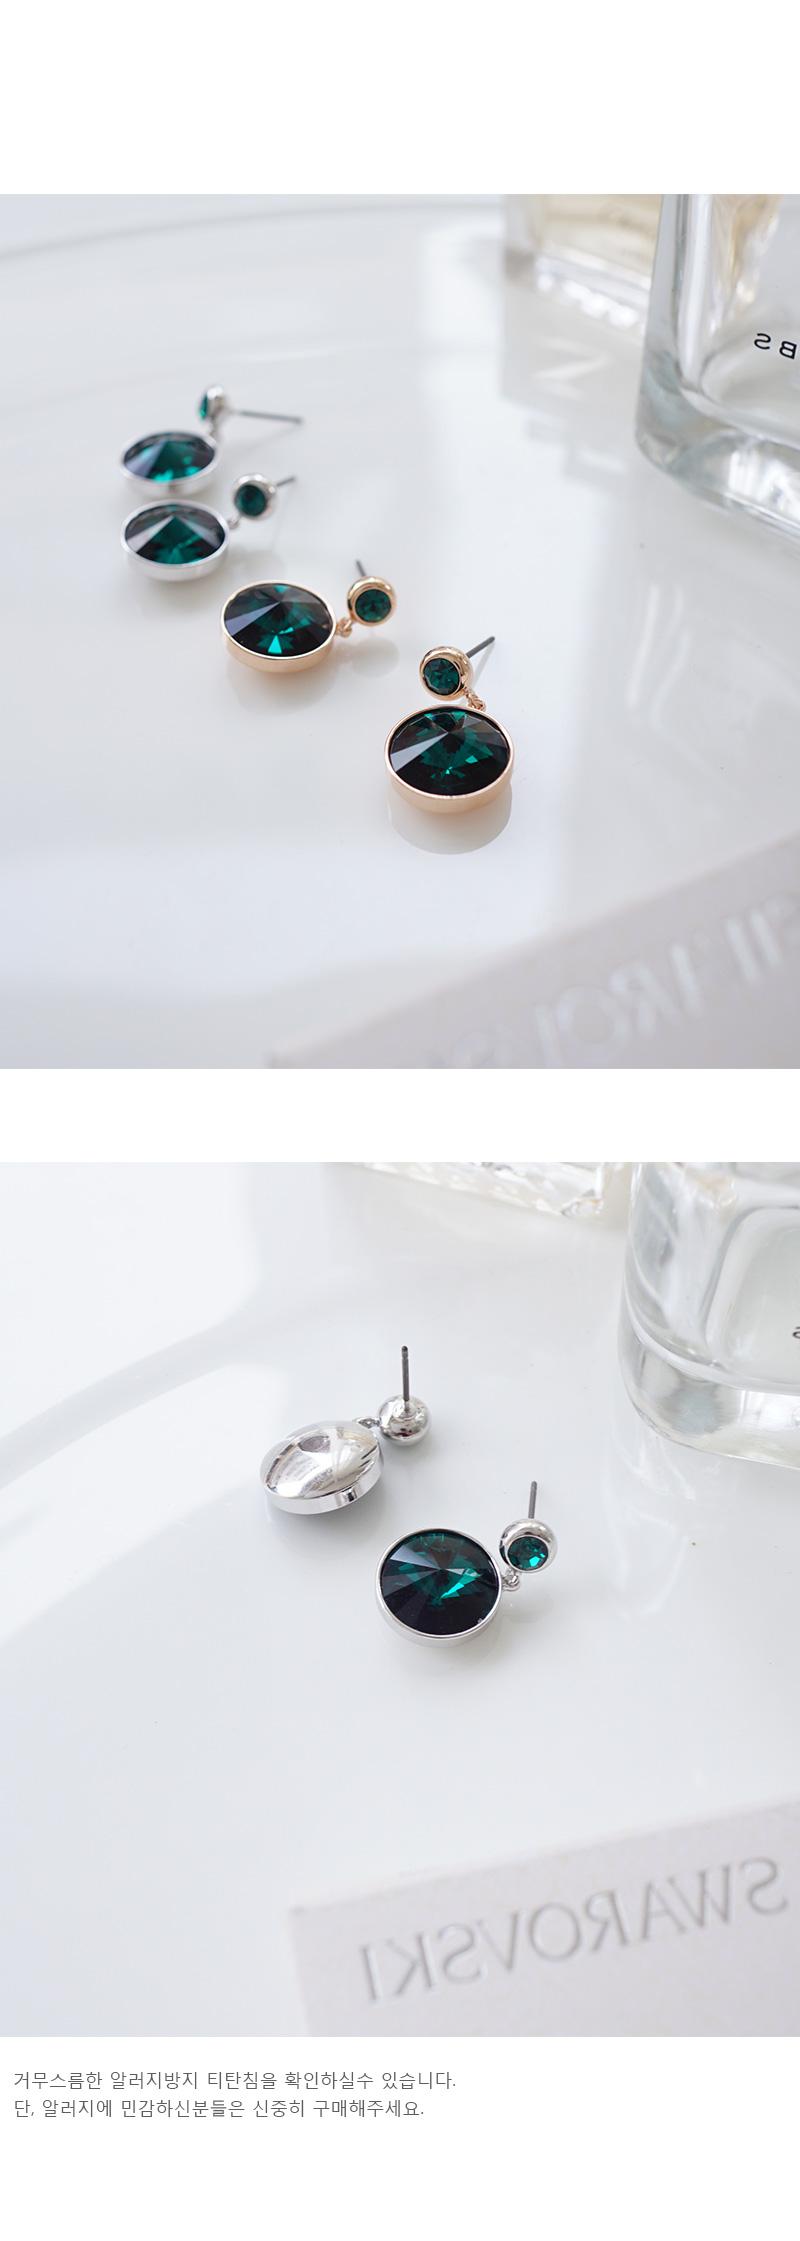 스와로브스키 크리스탈 esg3183 귀걸이 에메랄드 - 비욘드라이프, 29,900원, 진주/원석, 드롭귀걸이